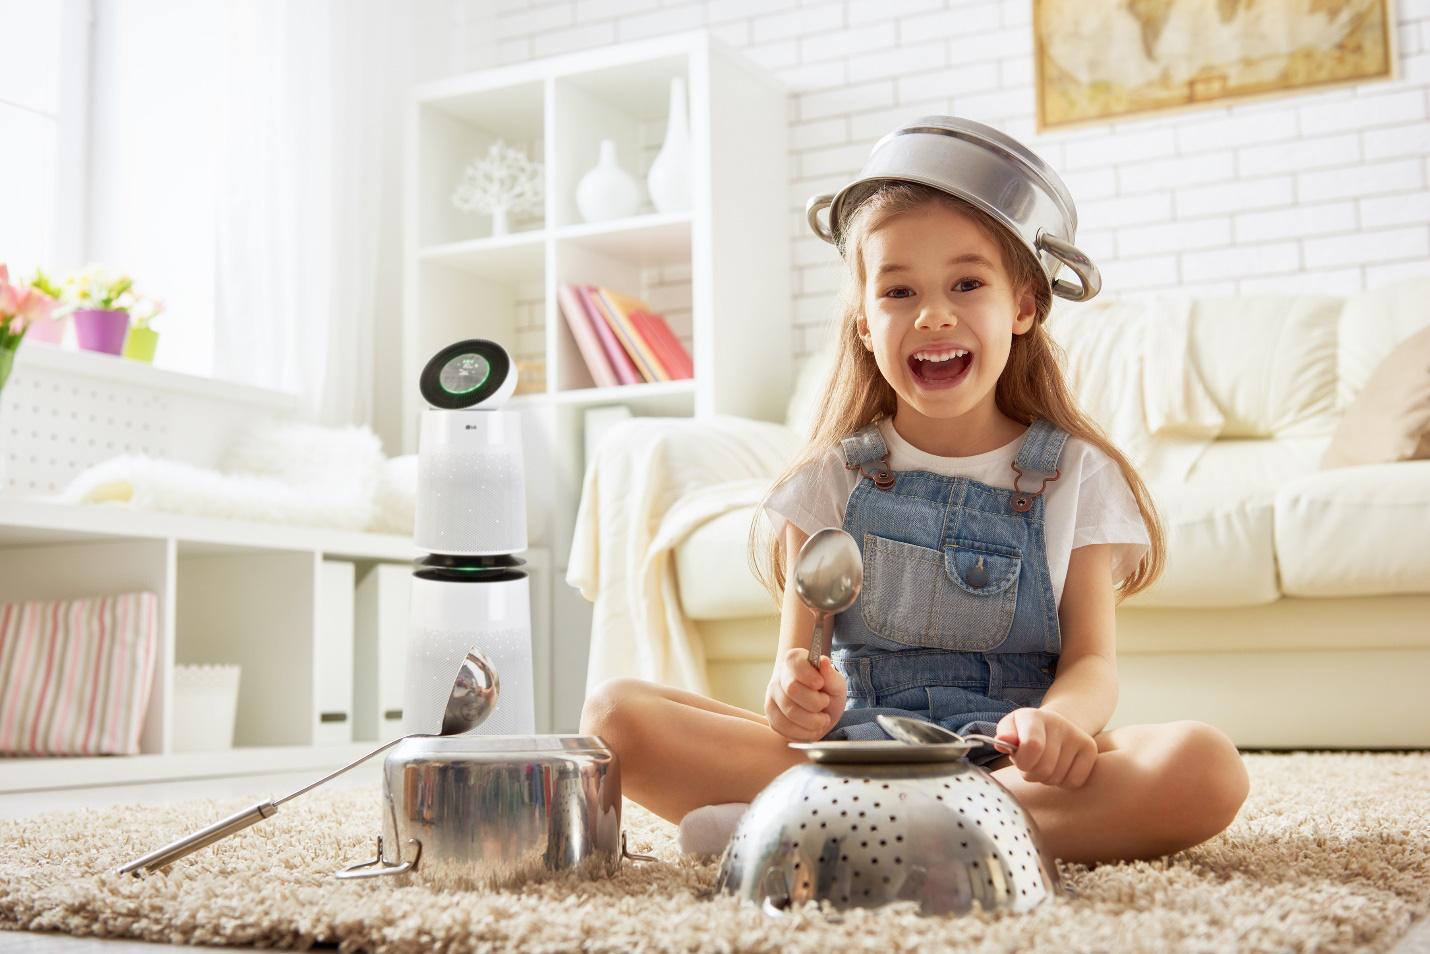 Đối thoại cùng chuyên gia: Giải pháp thanh lọc không khí tốt cho sự phát triển của trẻ nhỏ - Ảnh 2.